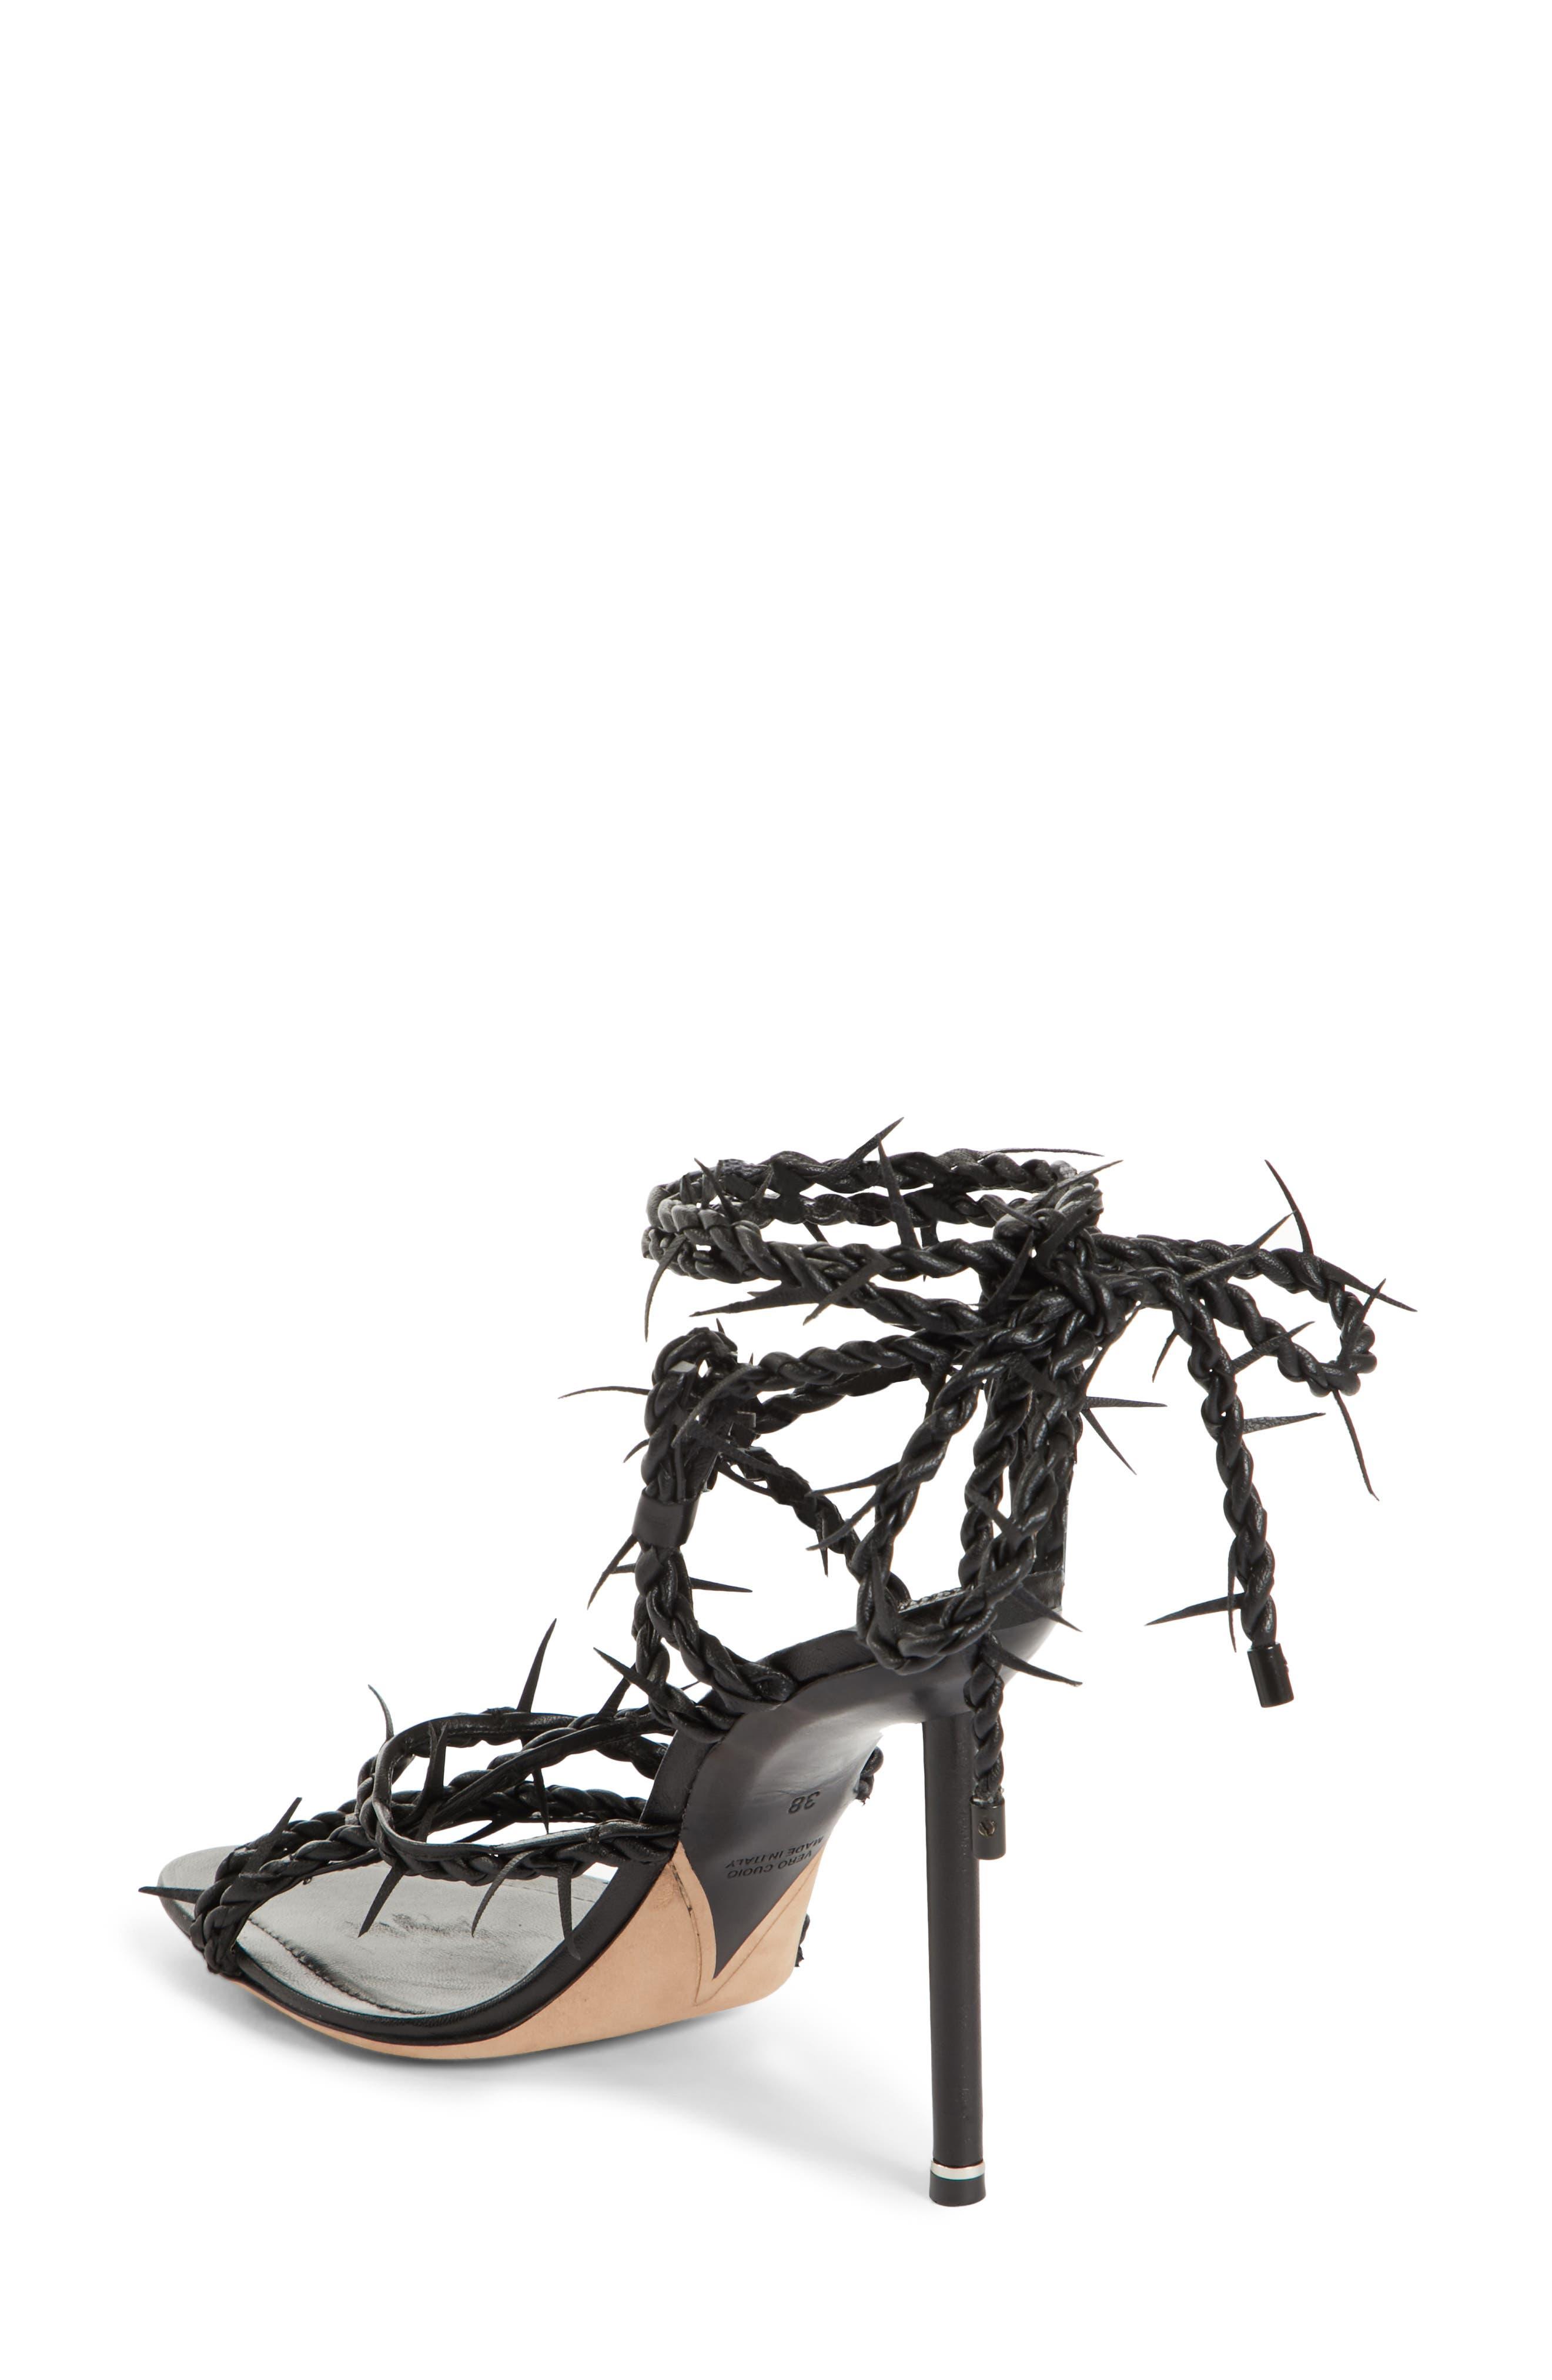 Lexie Cabel Wire Sandal,                             Alternate thumbnail 2, color,                             Black